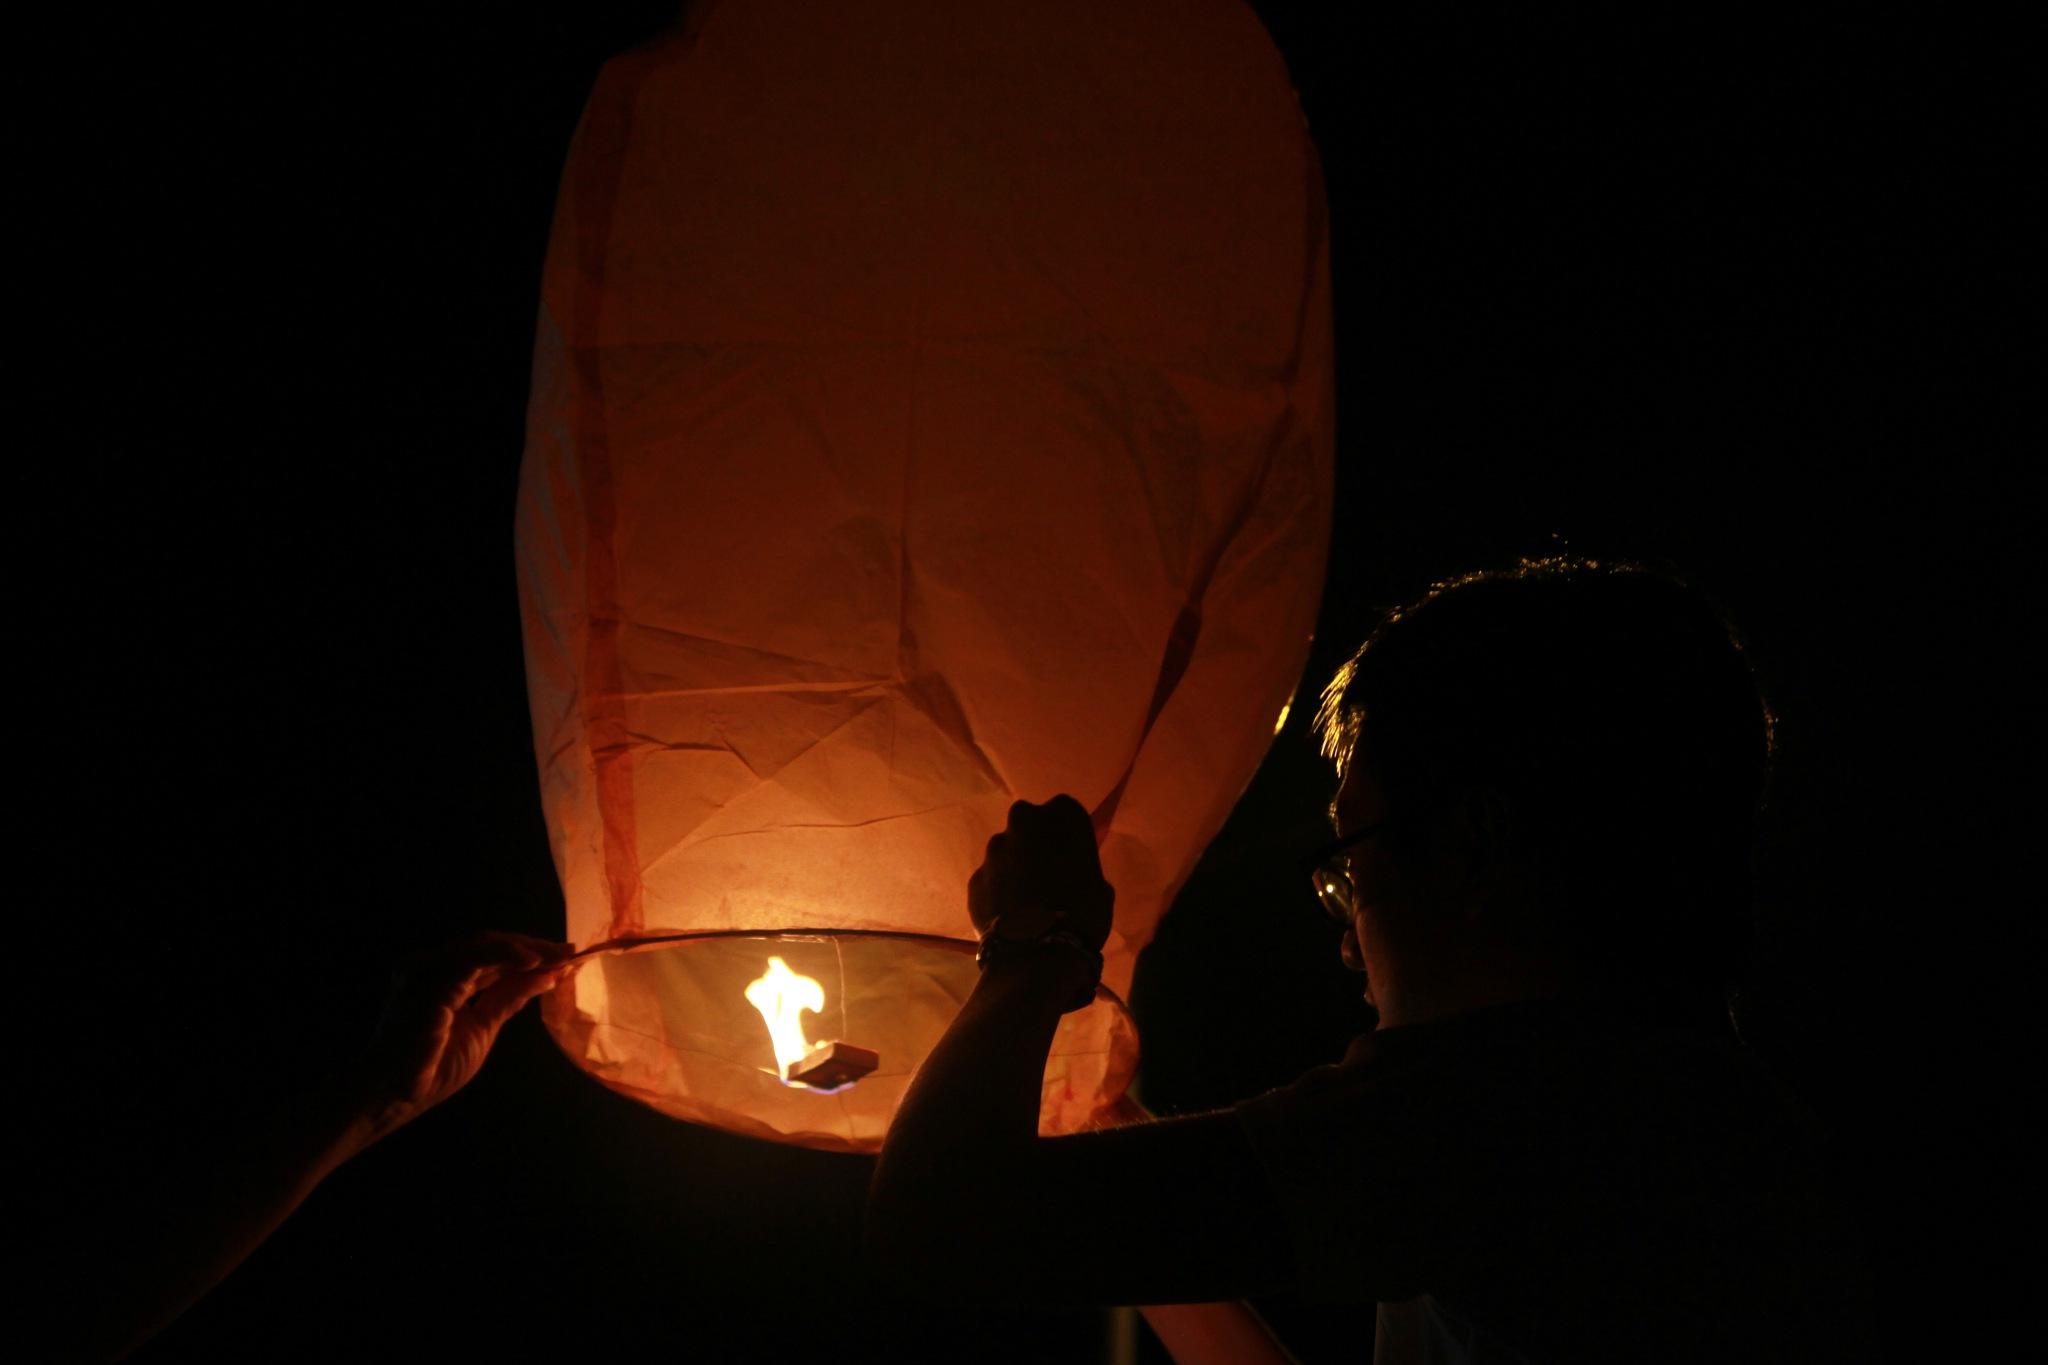 Flying Lantern 03 by Lee Kian Guan